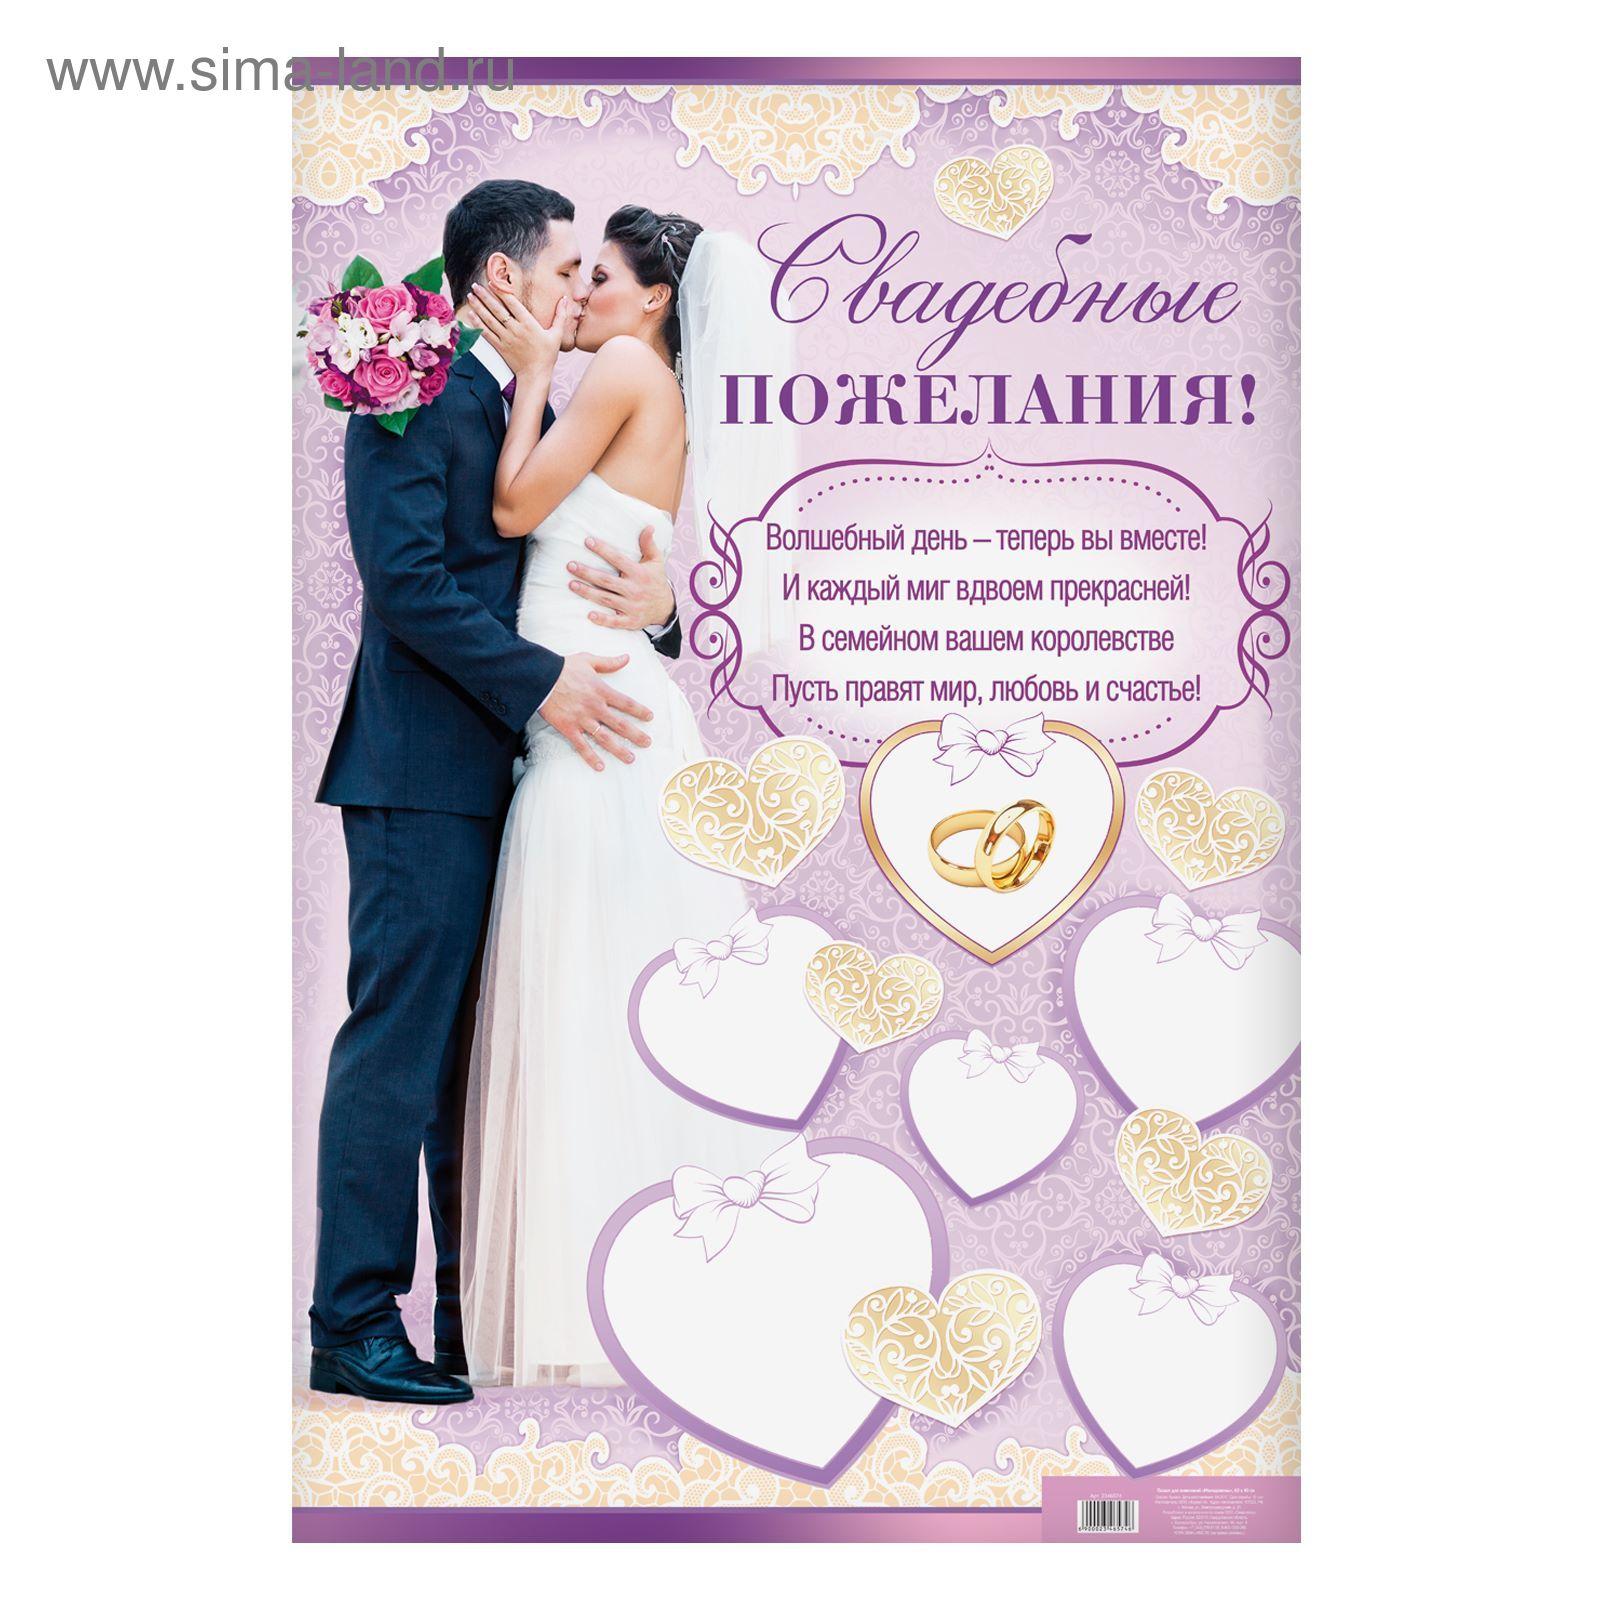 Необычные поздравление жениху и невесте